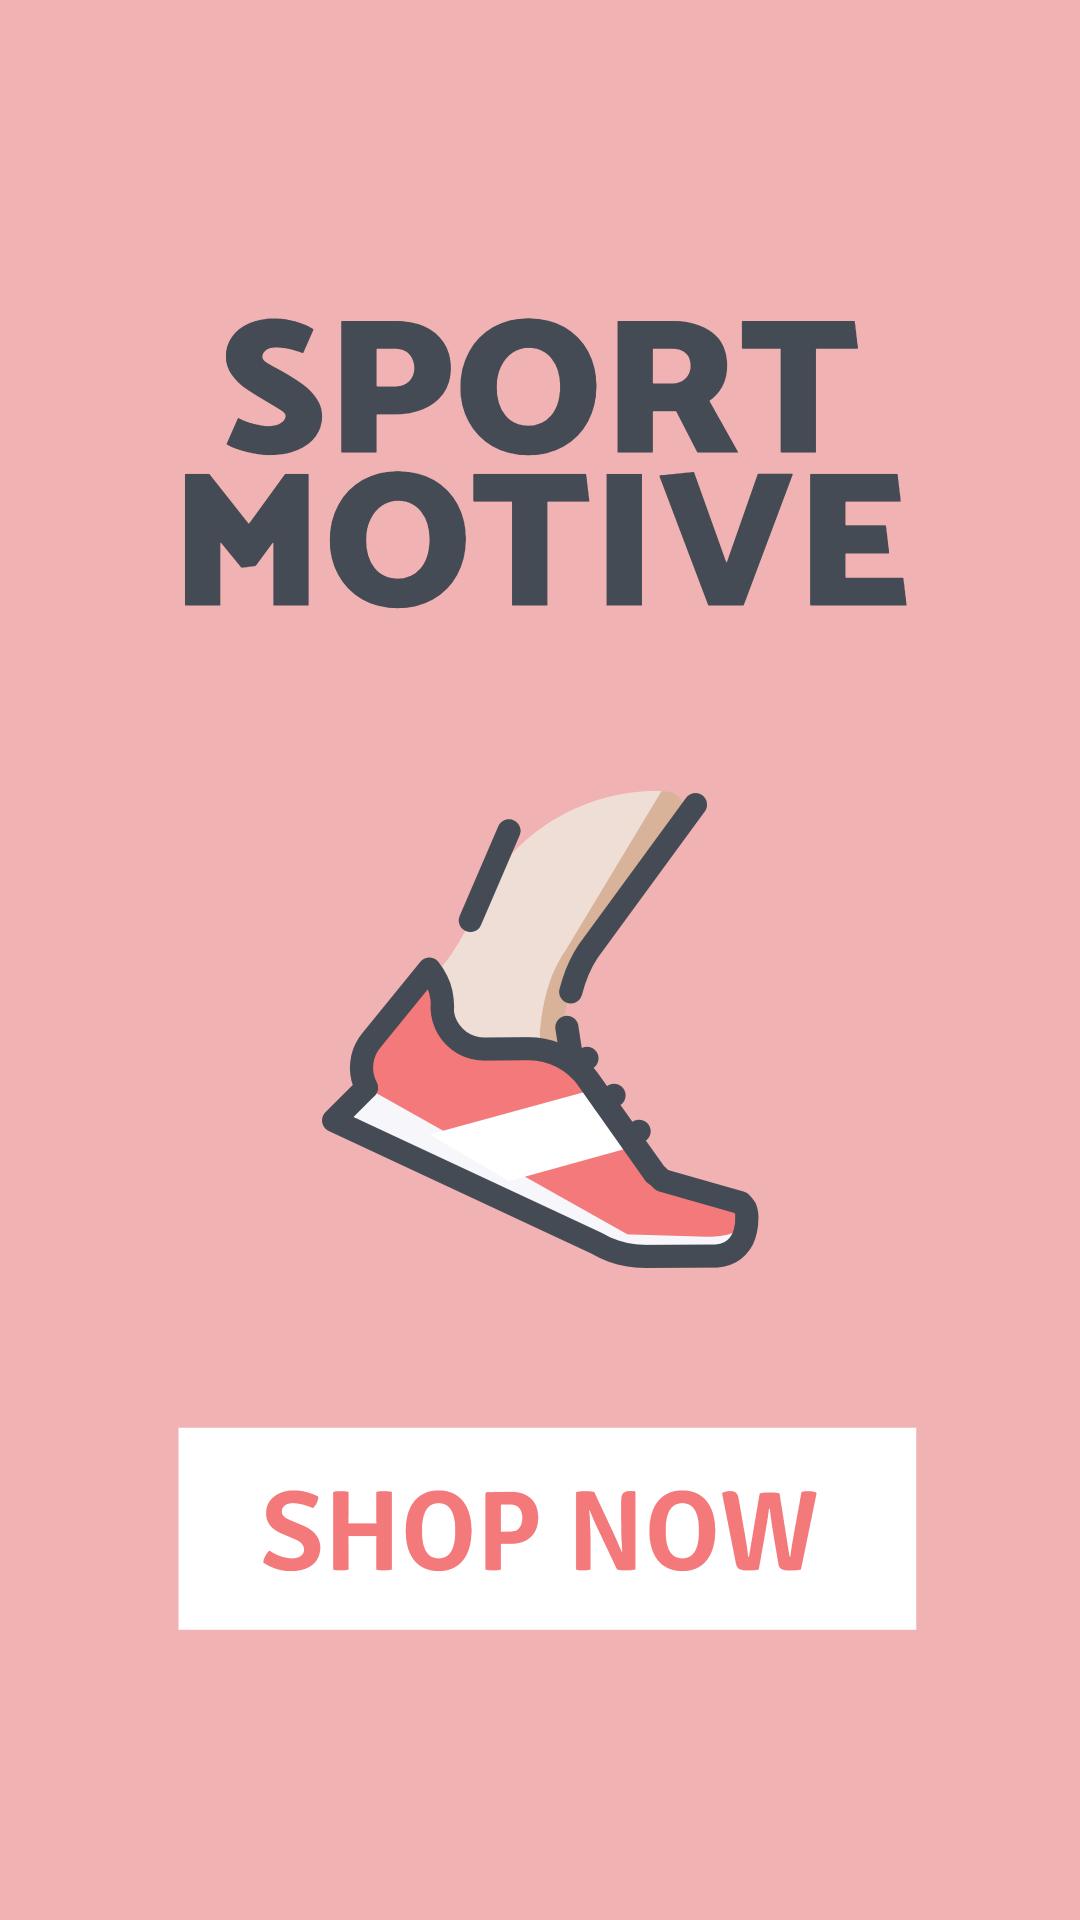 Sport motive - shop now